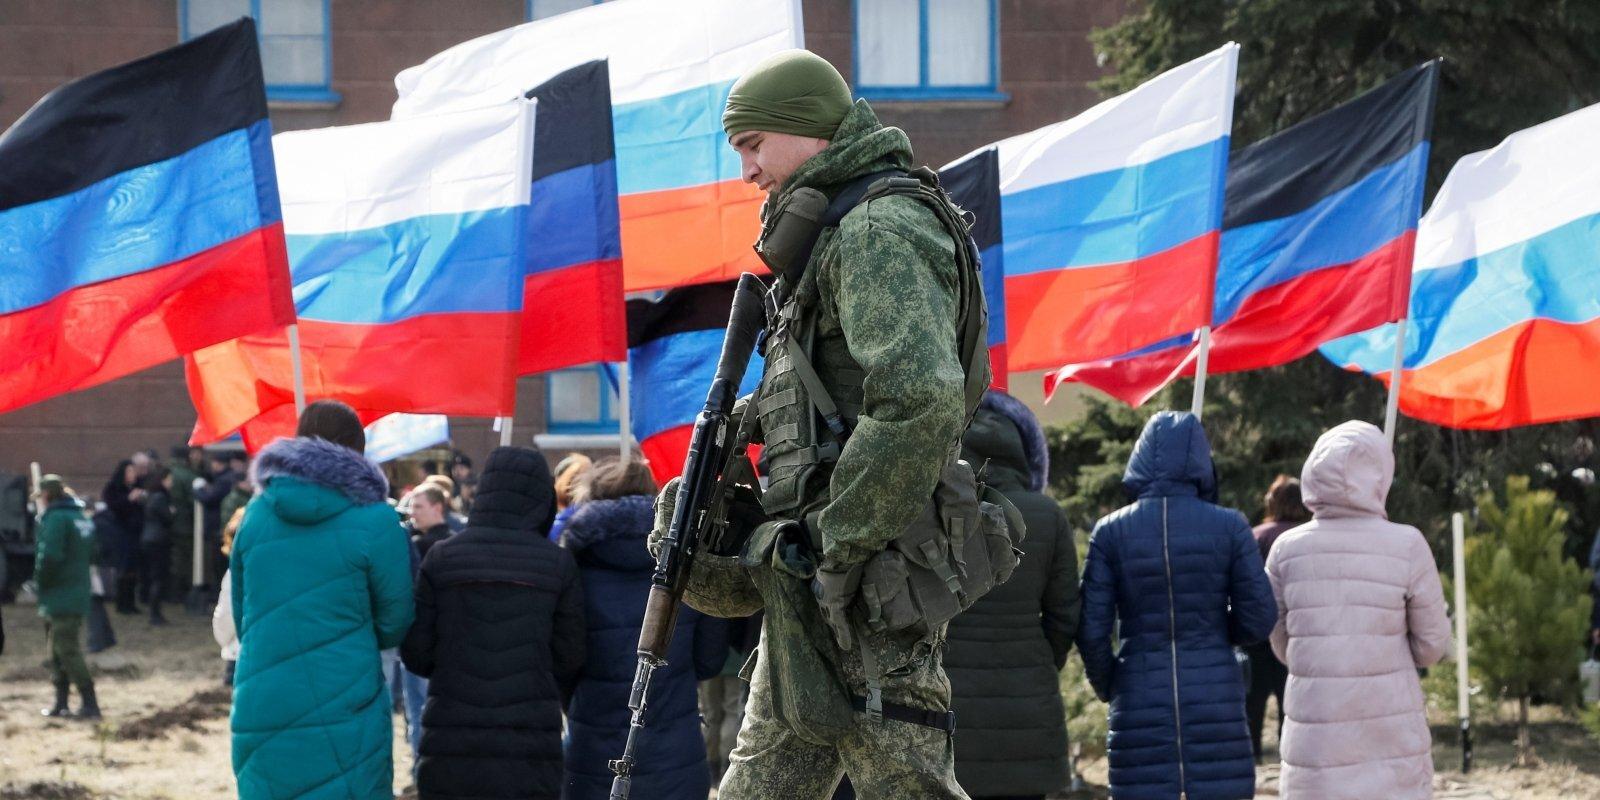 Krievijas revizionisms un militārā veiklība: karš Donbasā tuvojas septītajai gadadienai